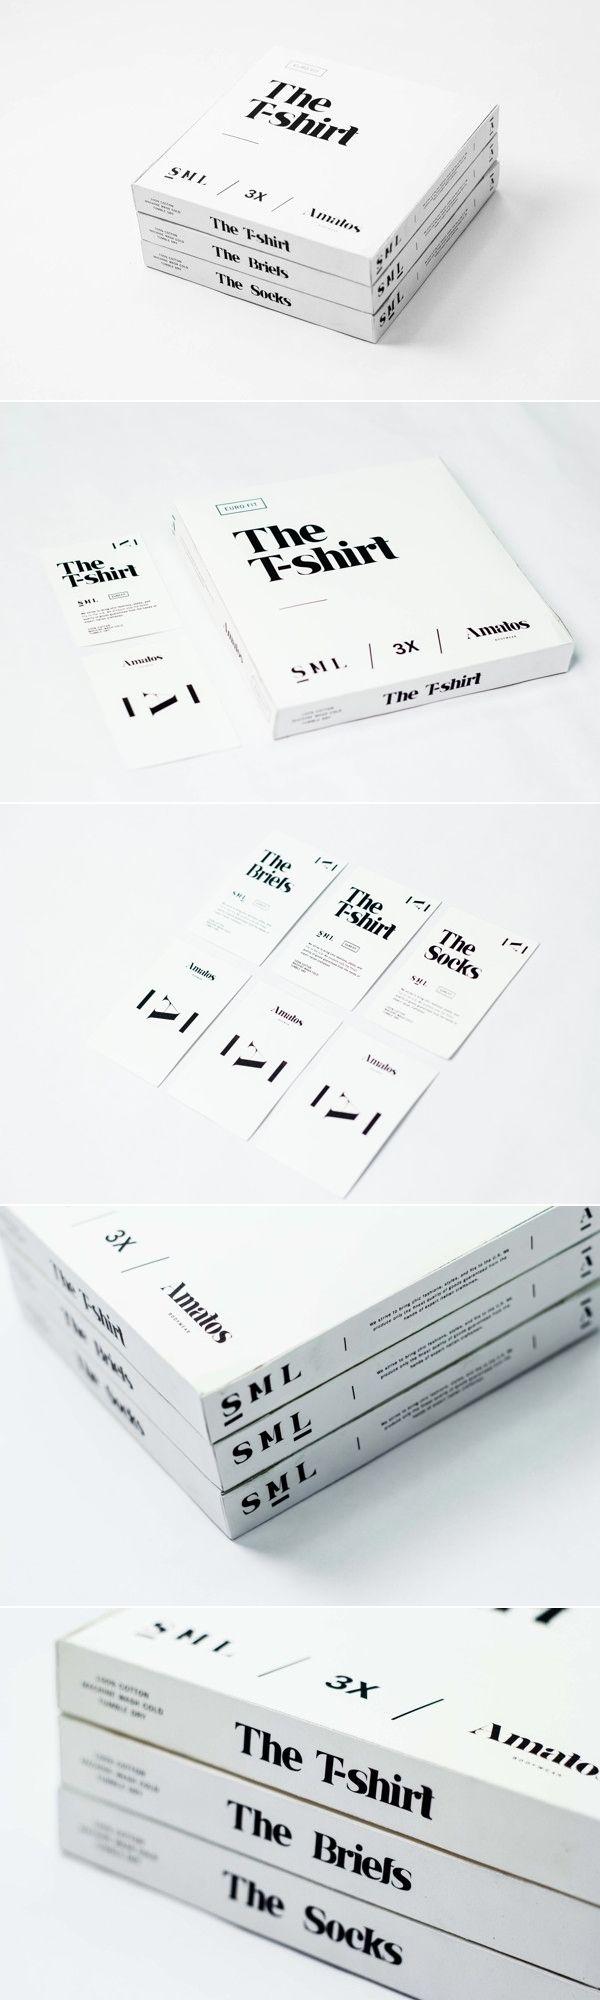 Amatos Packaging